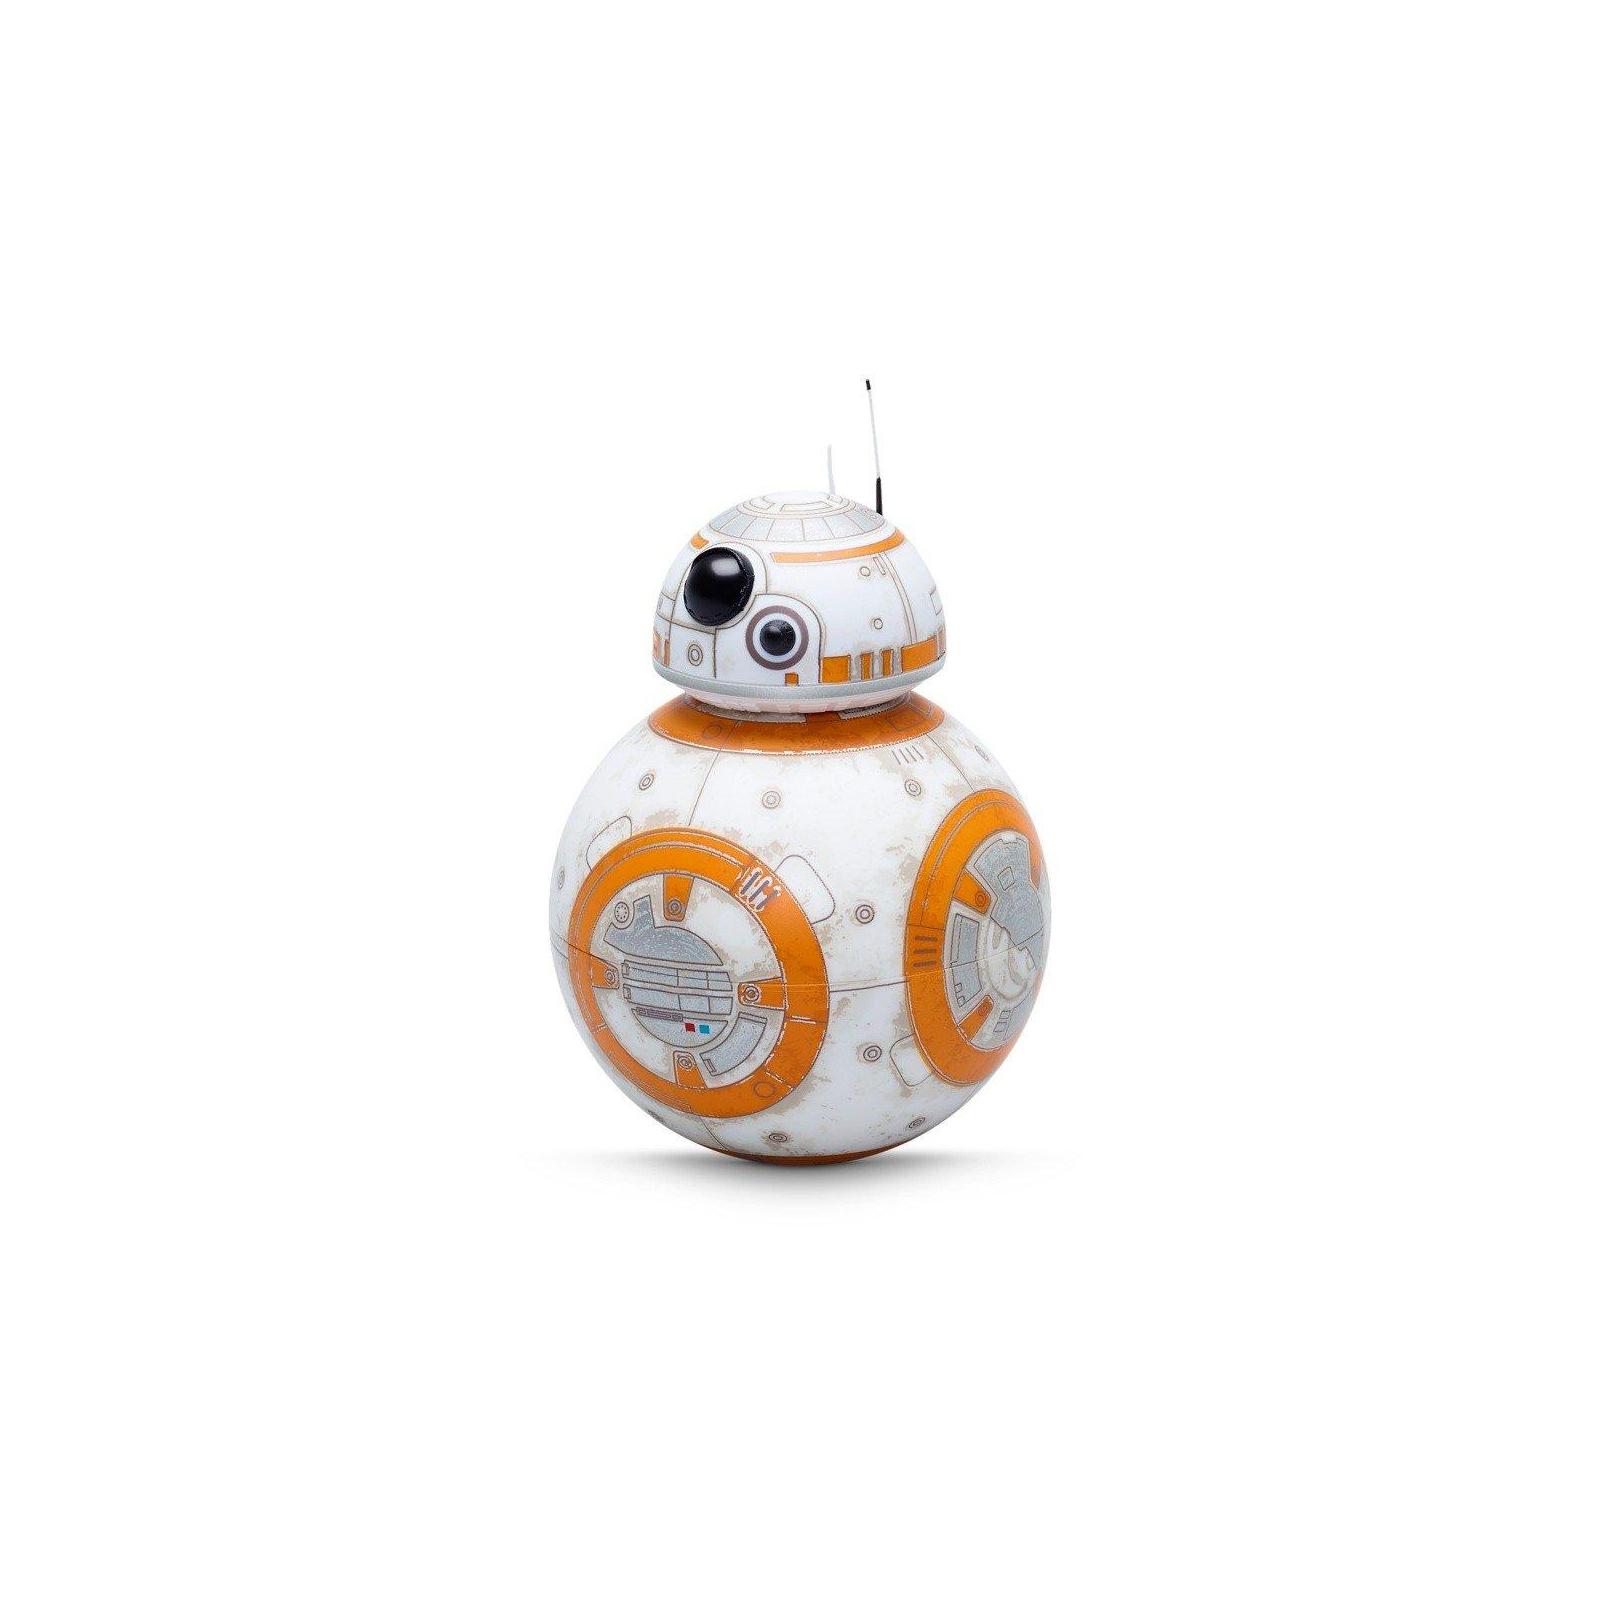 Робот Sphero BB-8 (236729) изображение 3